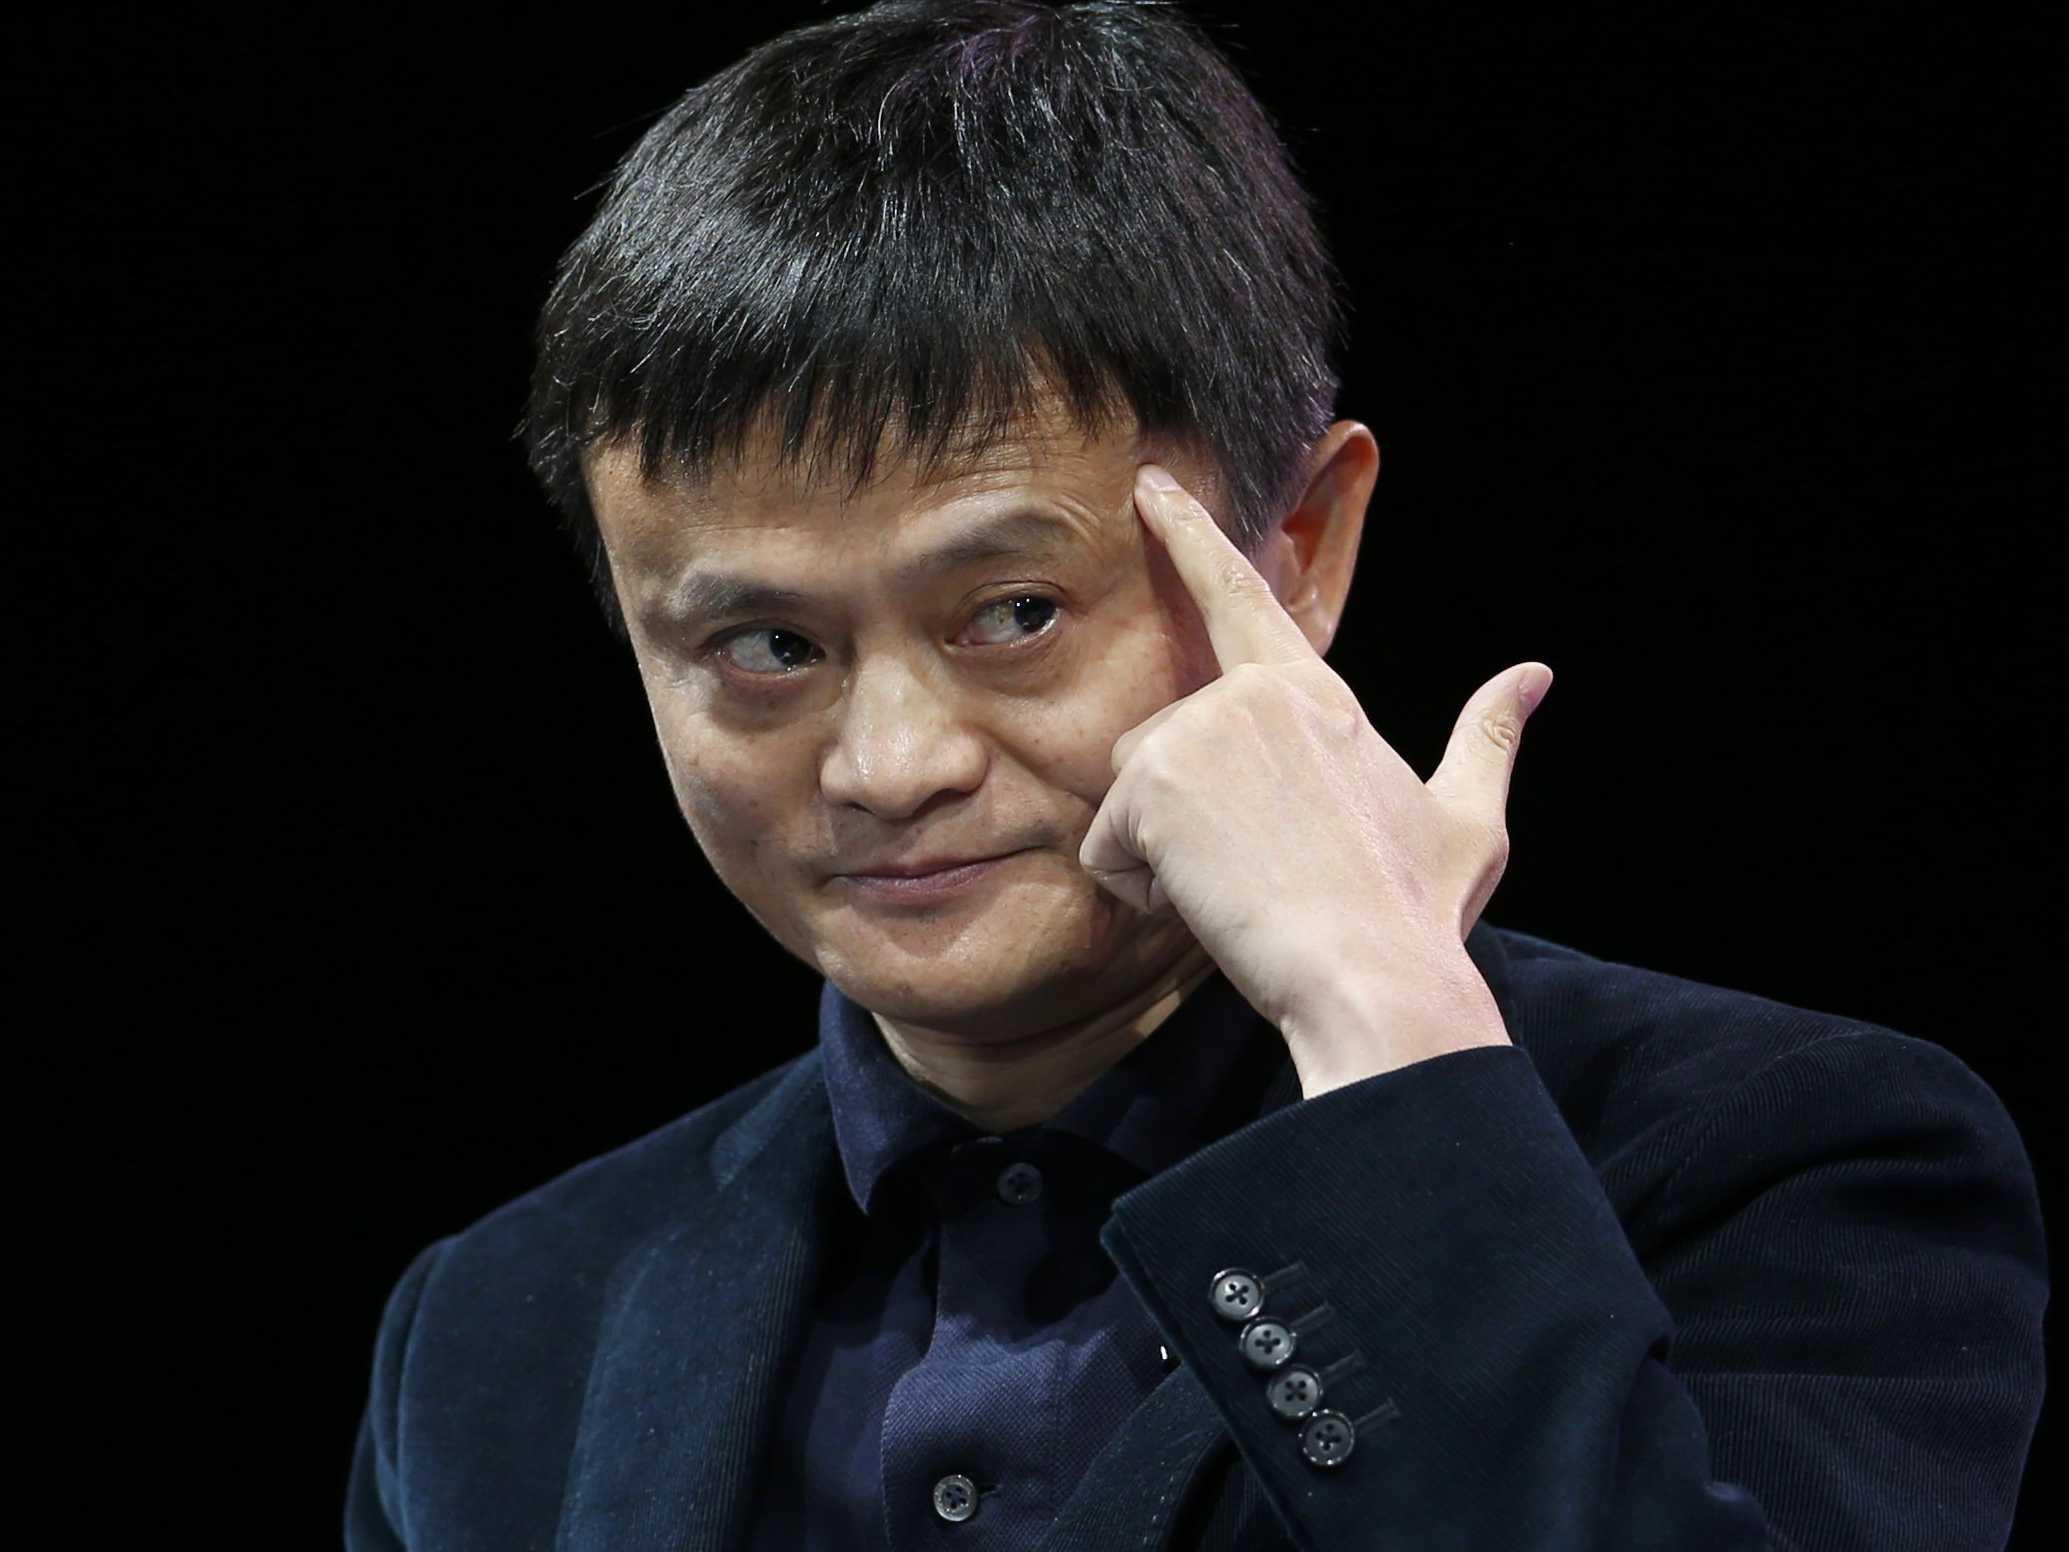 """قصة نجاح """" جاك ما """" اغنى رجل في الصين - المرسال"""